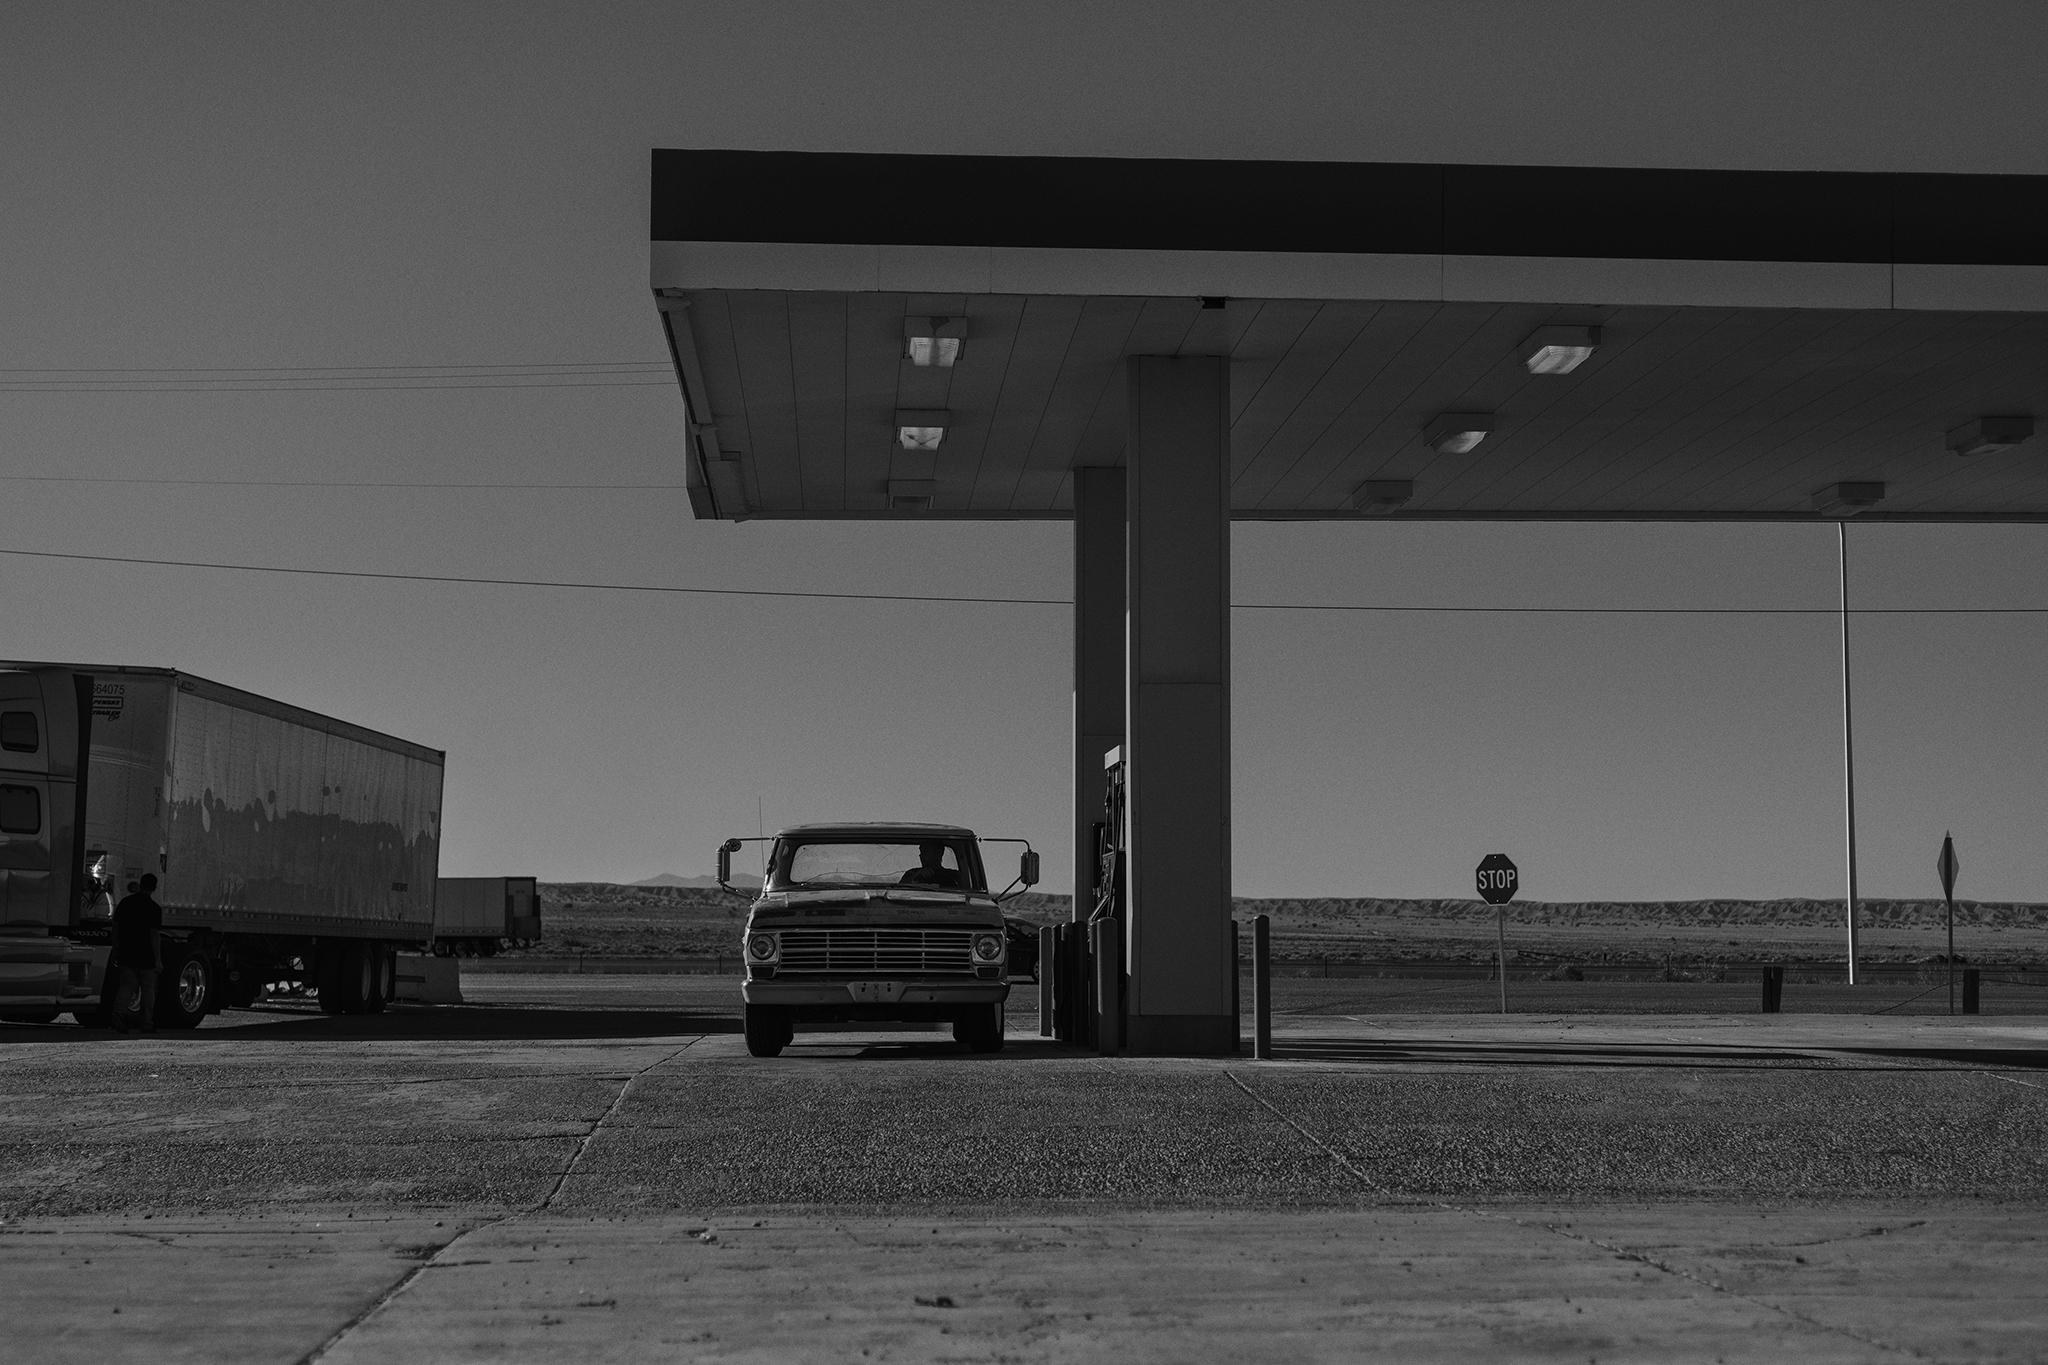 wolverine-truckstop-deanbradshaw-436.jpg